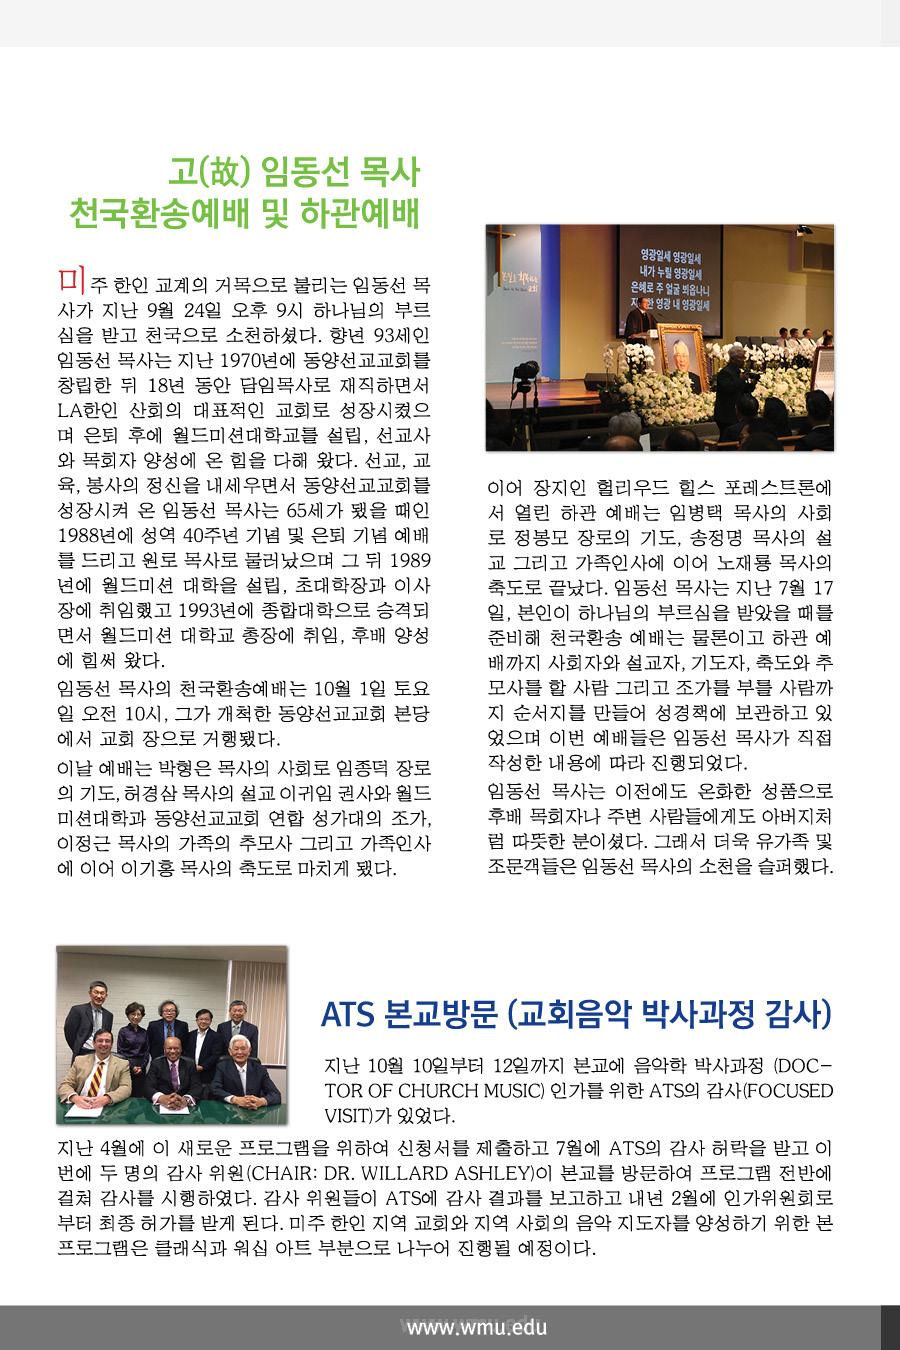 Newsletter_Vol-12_4_img2.jpg